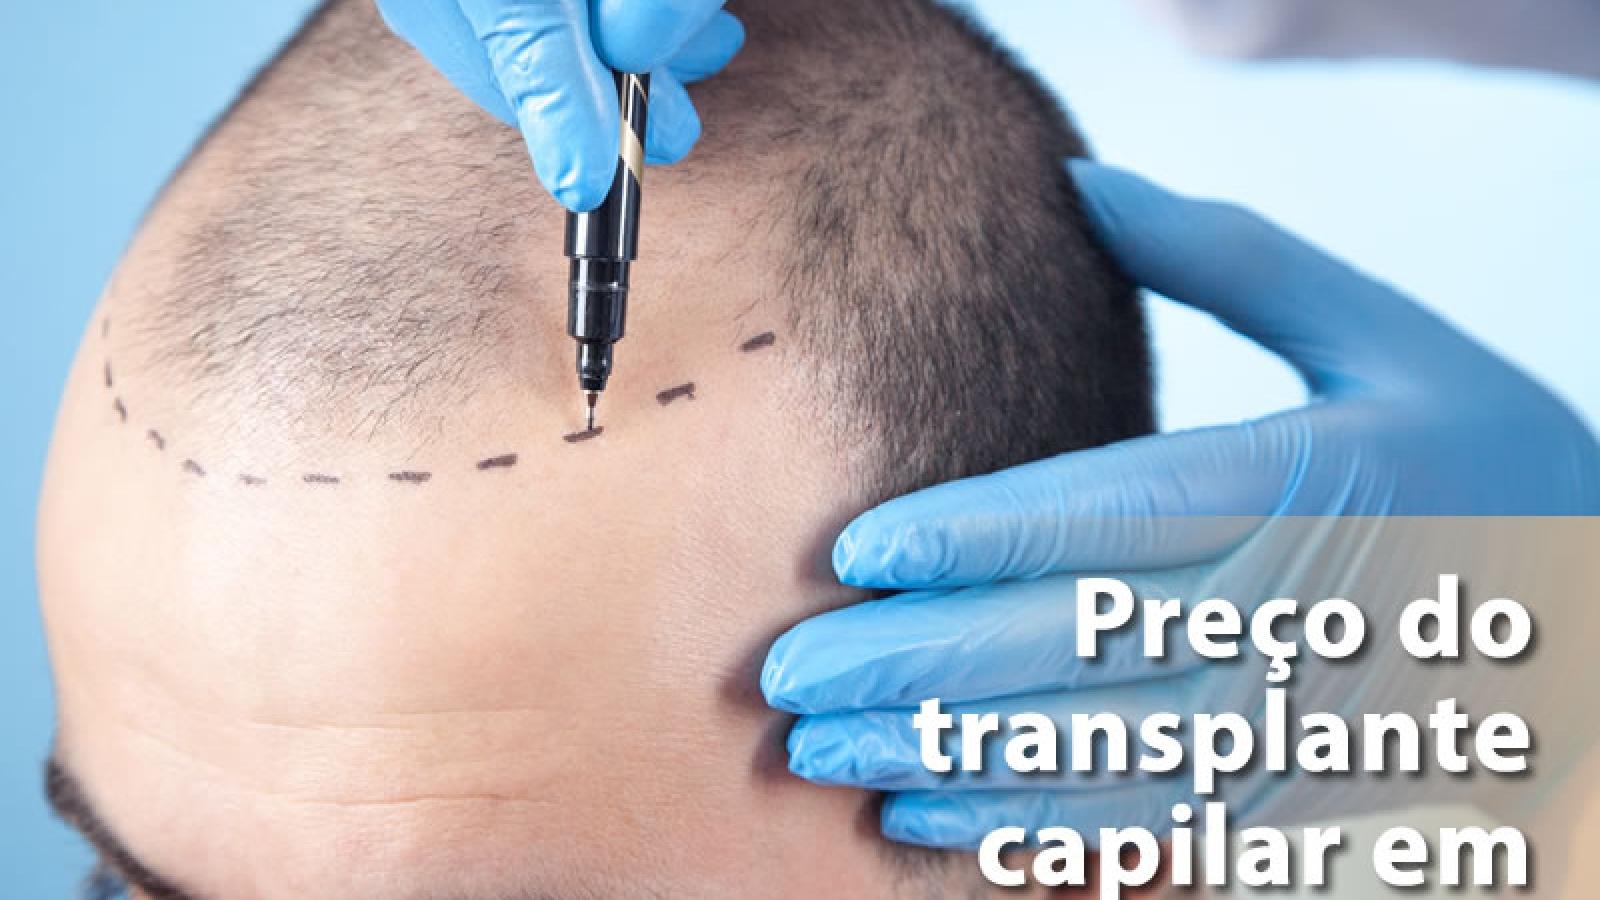 preço do transplante capilar ribeirão preto valores